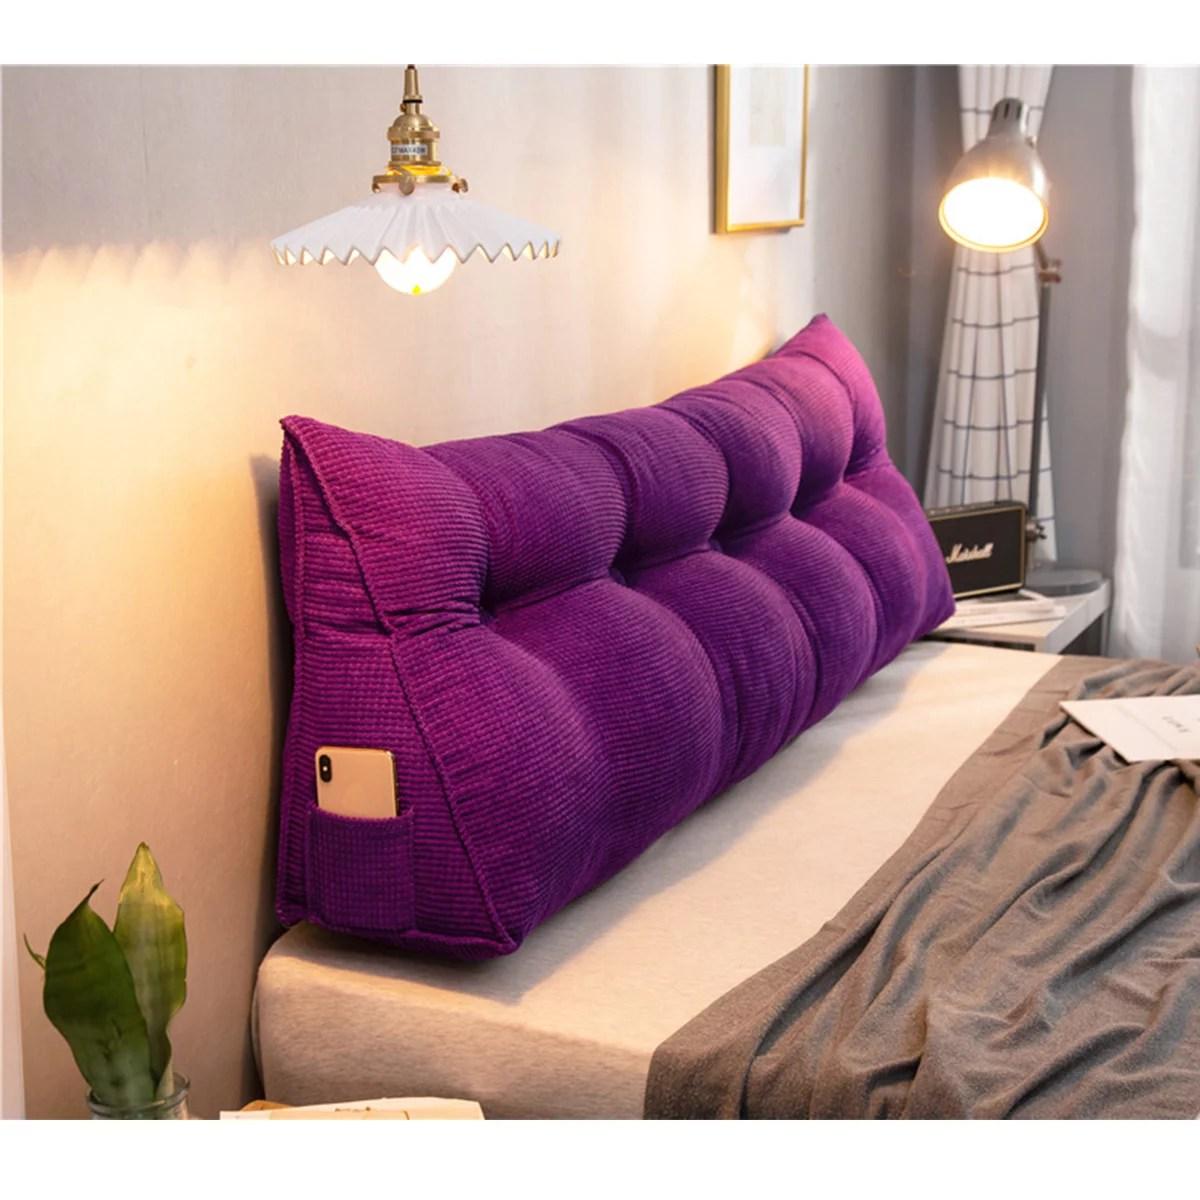 39 47 59 home decor large wedge triangular pillow cushion bedside pillow bed backrest waist support pillow reading pillow office lumbar pad